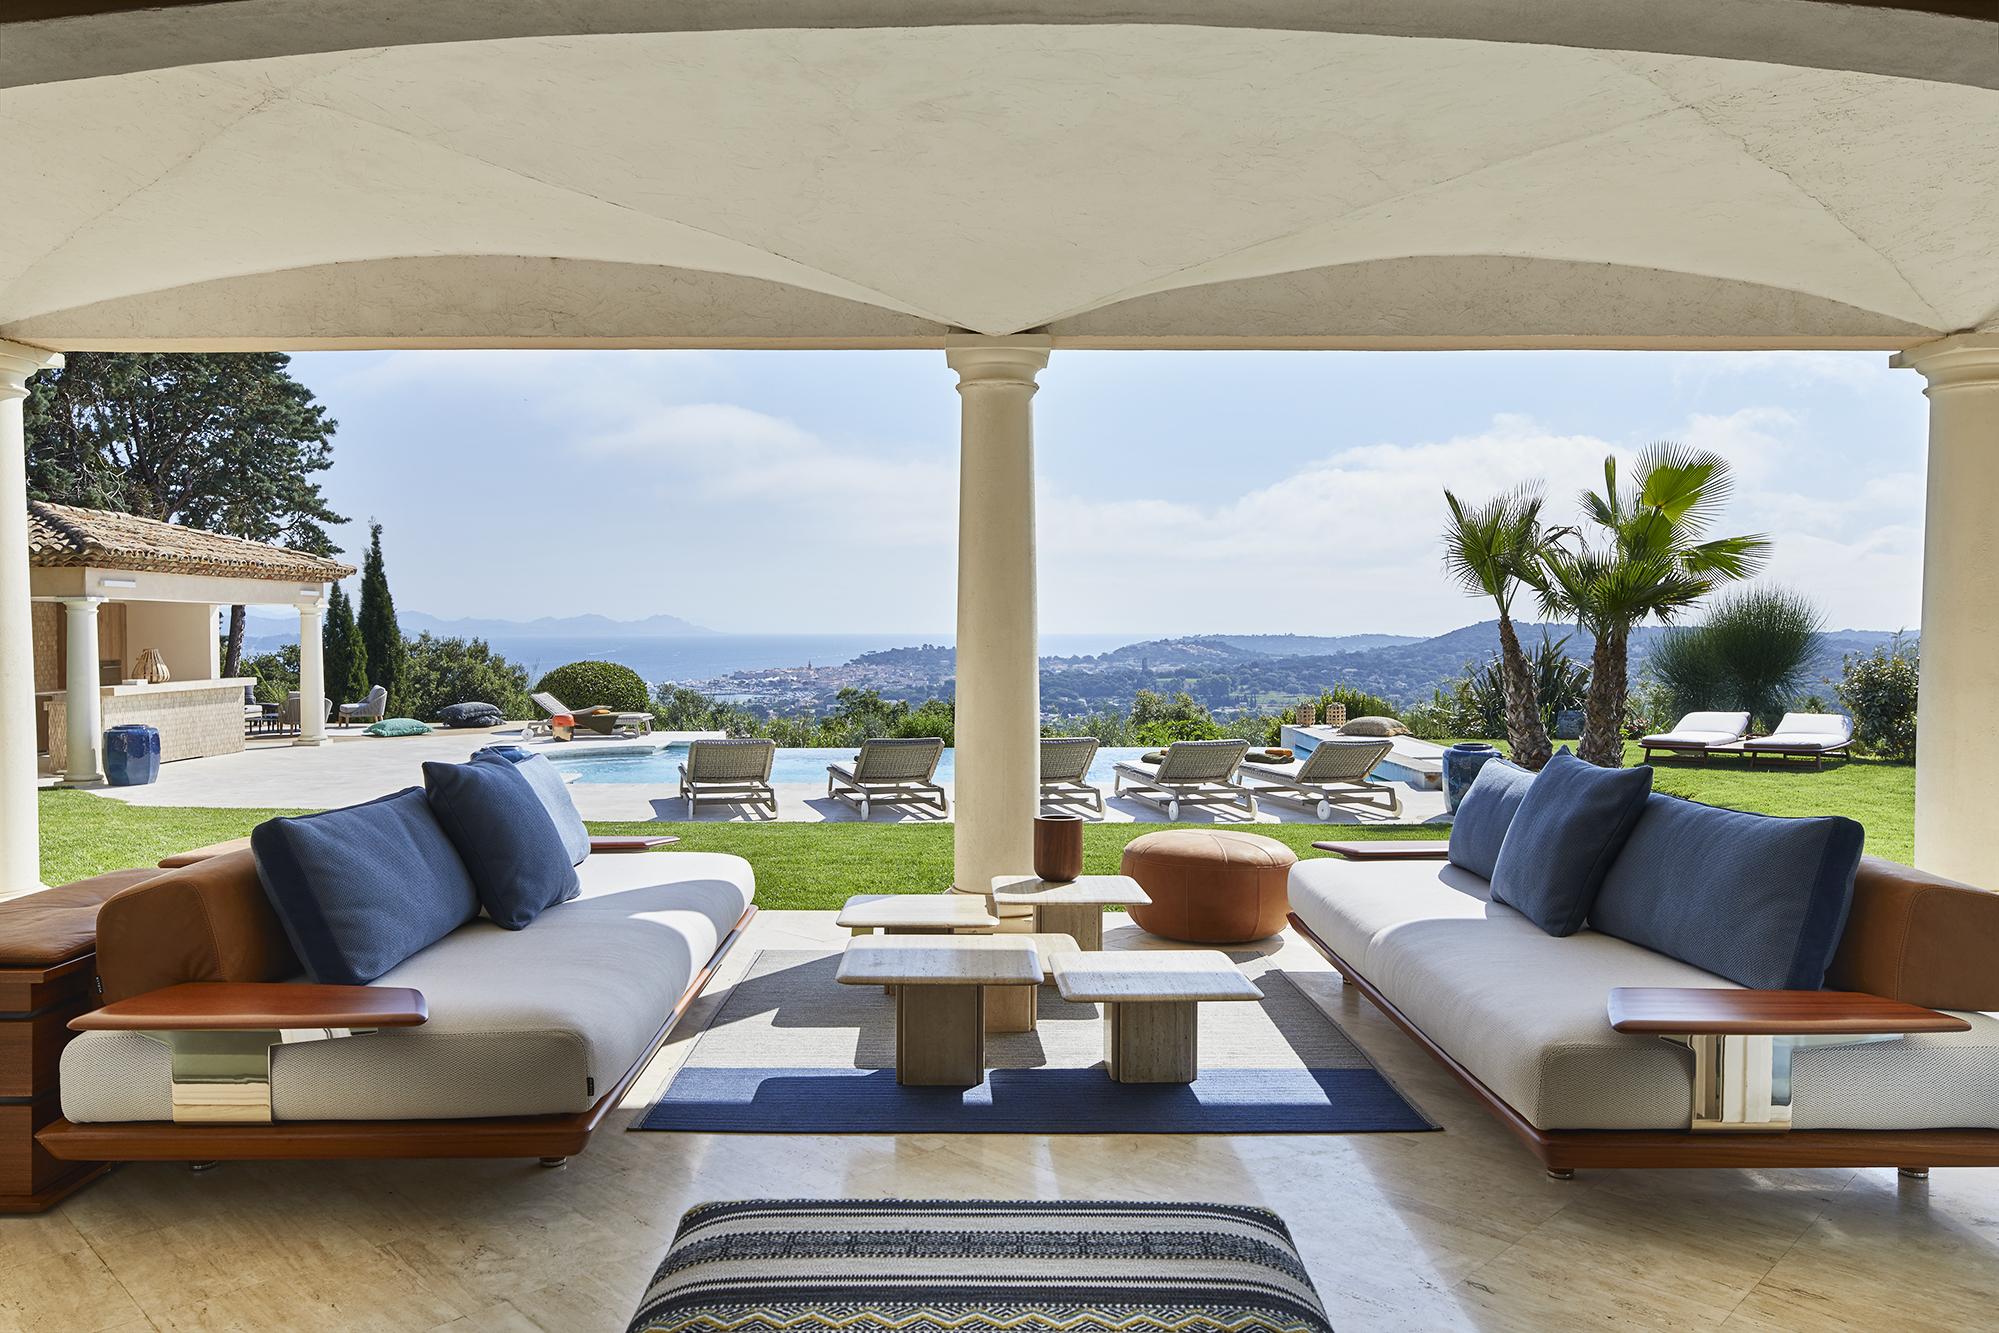 HOOM har besökt ett av inredningsarkitekten Stephanie Coutas senaste projekt, en storslagen villa i Saint-Tropez på Rivieran.